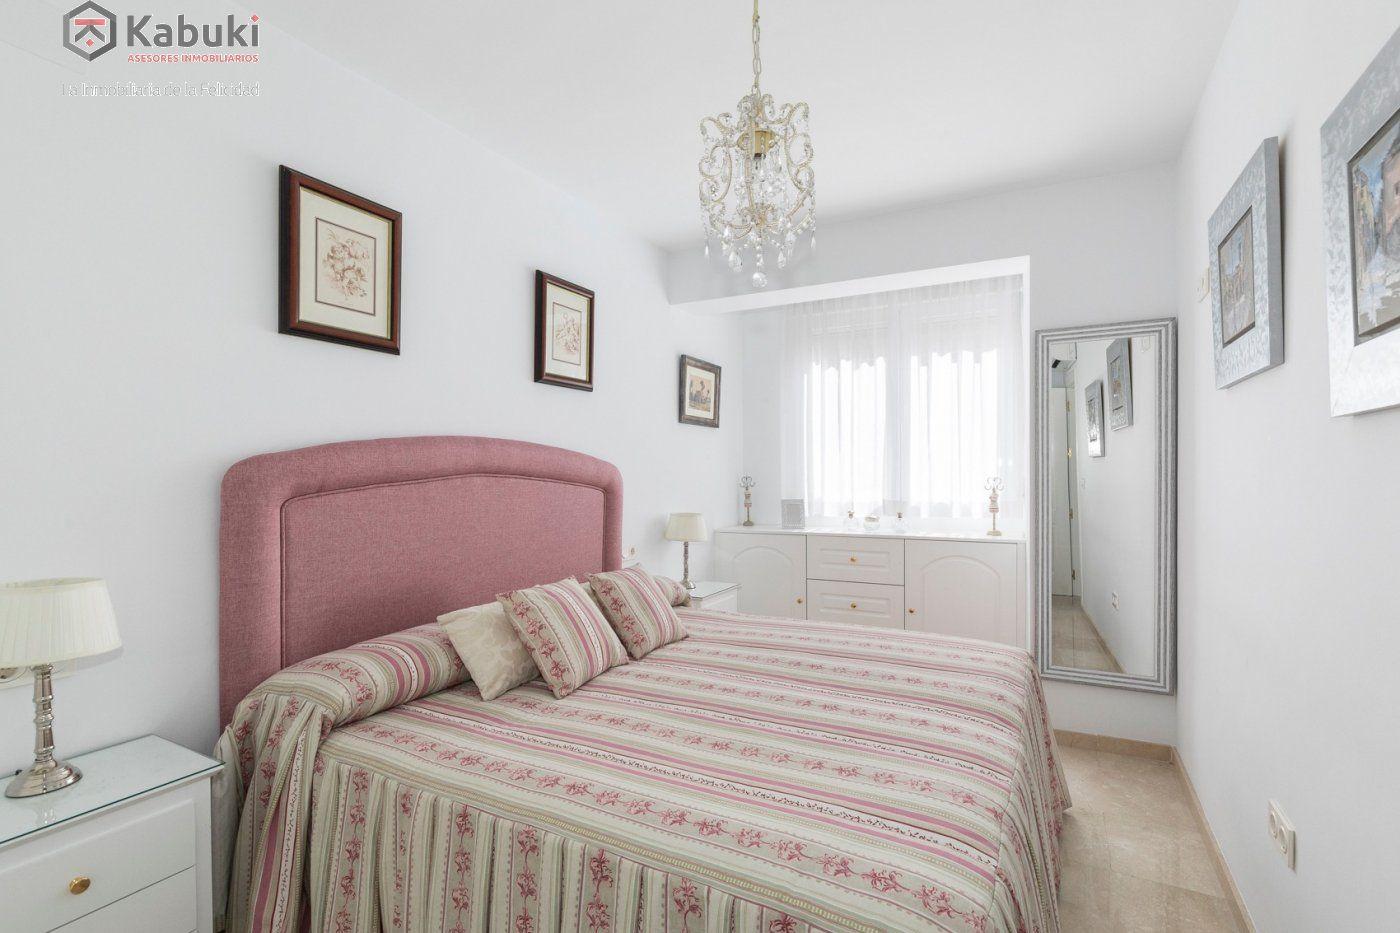 Magnífico piso en zona de recogidas, espacioso y luminoso en planta alta. - imagenInmueble4